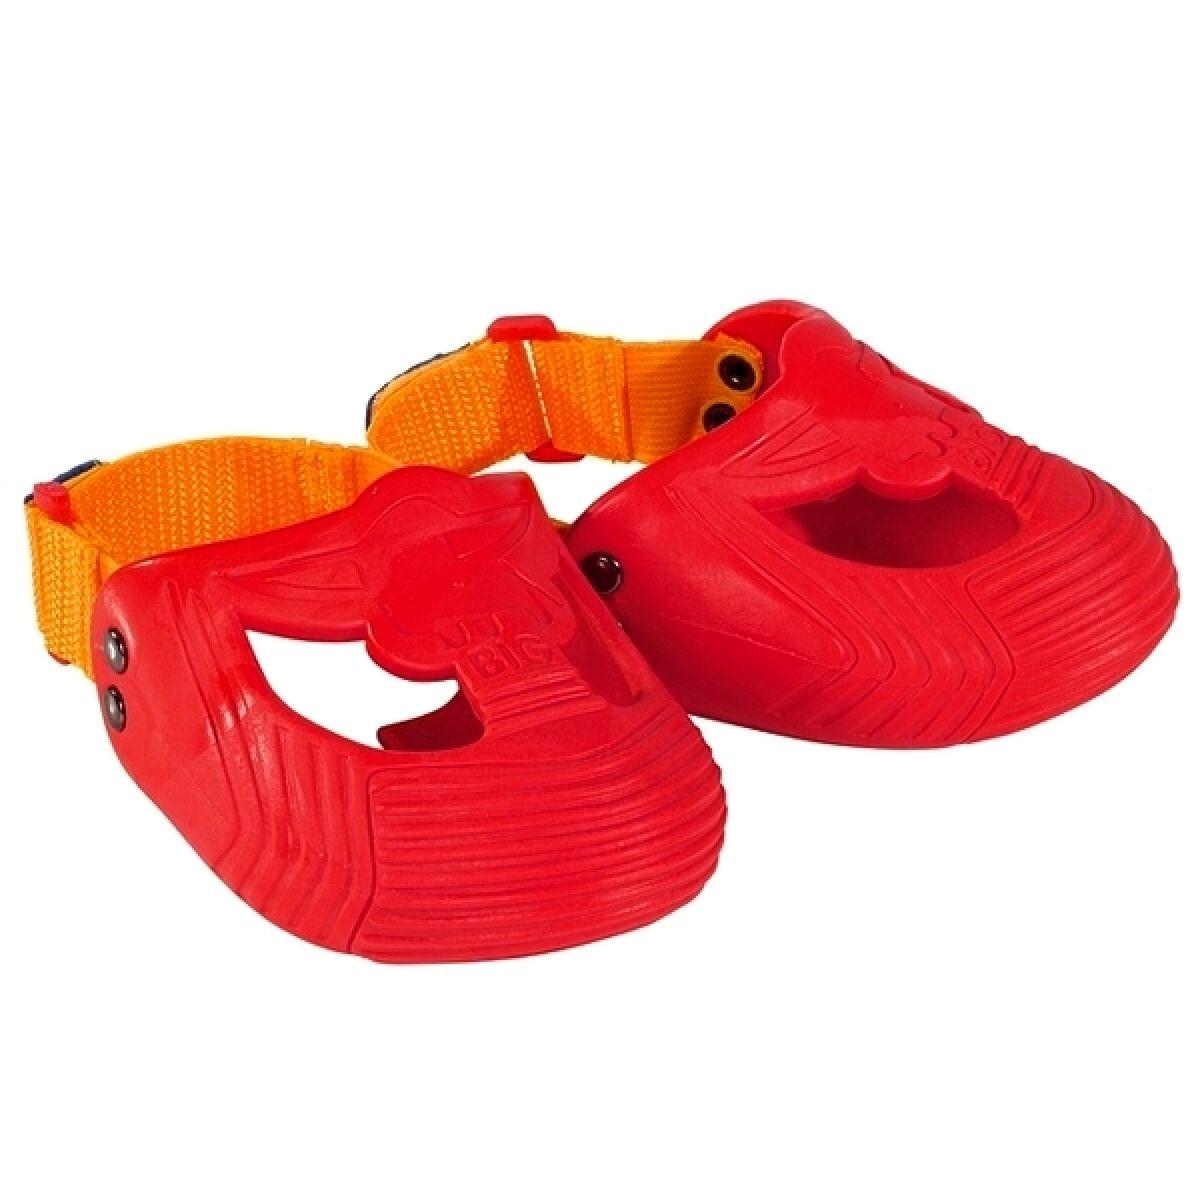 Big Ochranné návleky na botičky, velikost 21-28